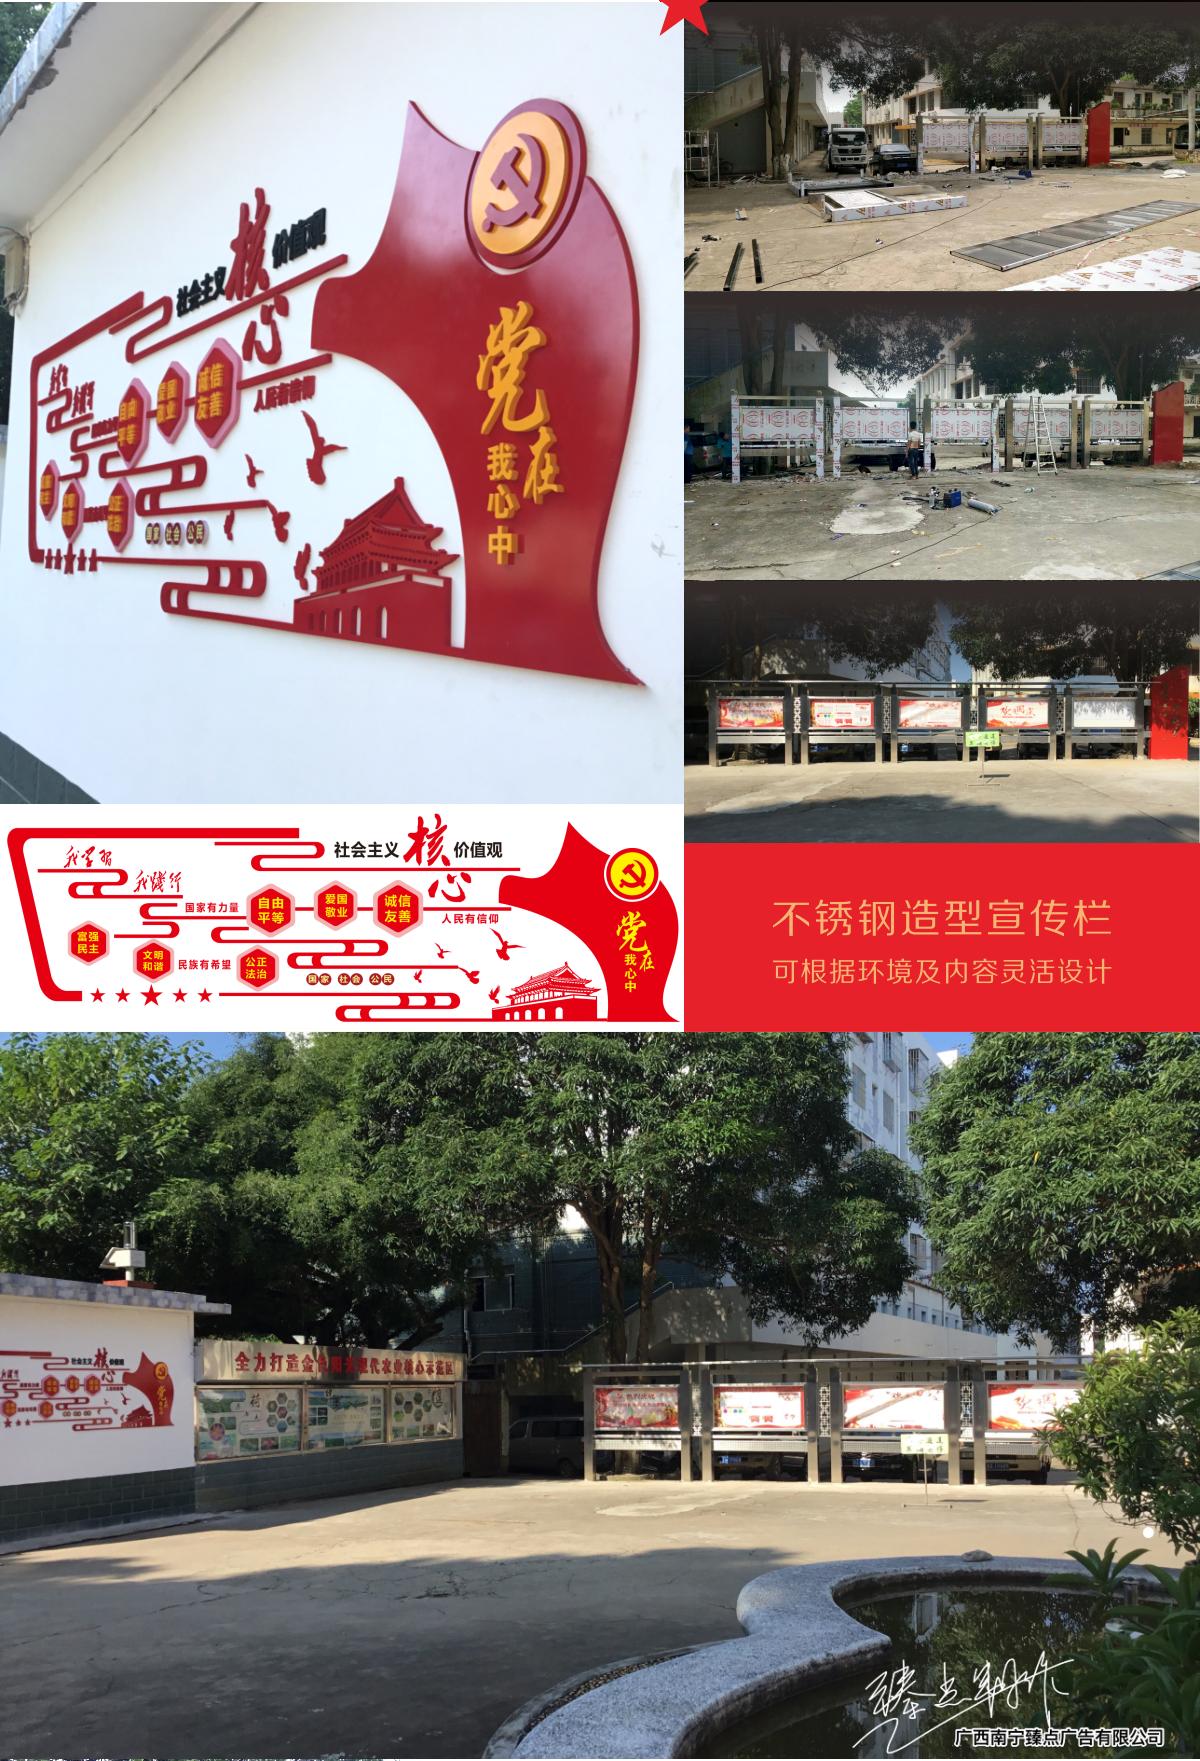 荔枝视频成年在线播放农垦集团坛洛金光农场党建文化设计安装_02.png